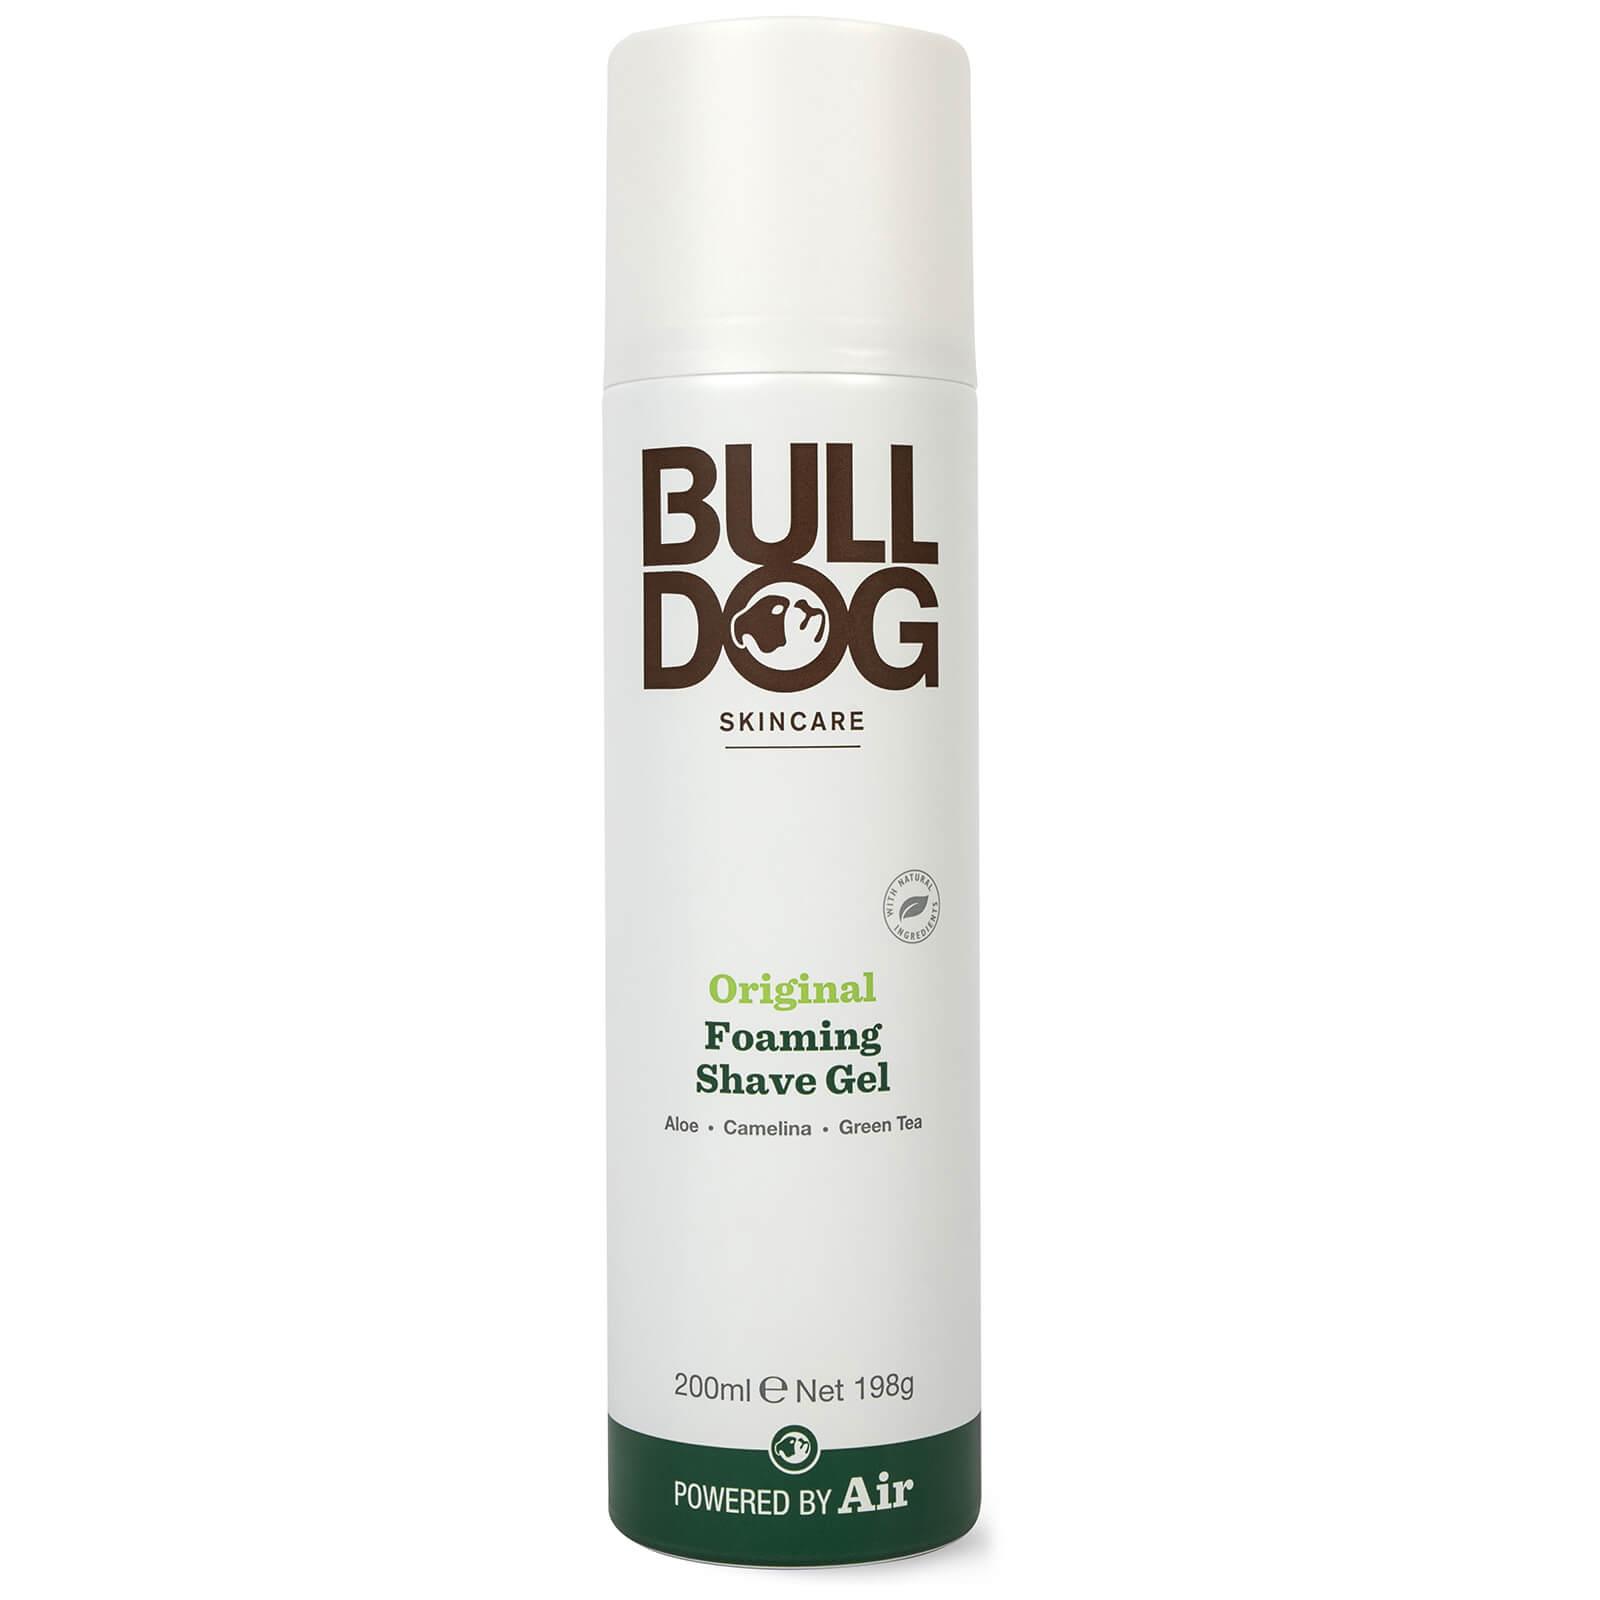 Купить Bulldog Original Foaming Shave Gel 200ml